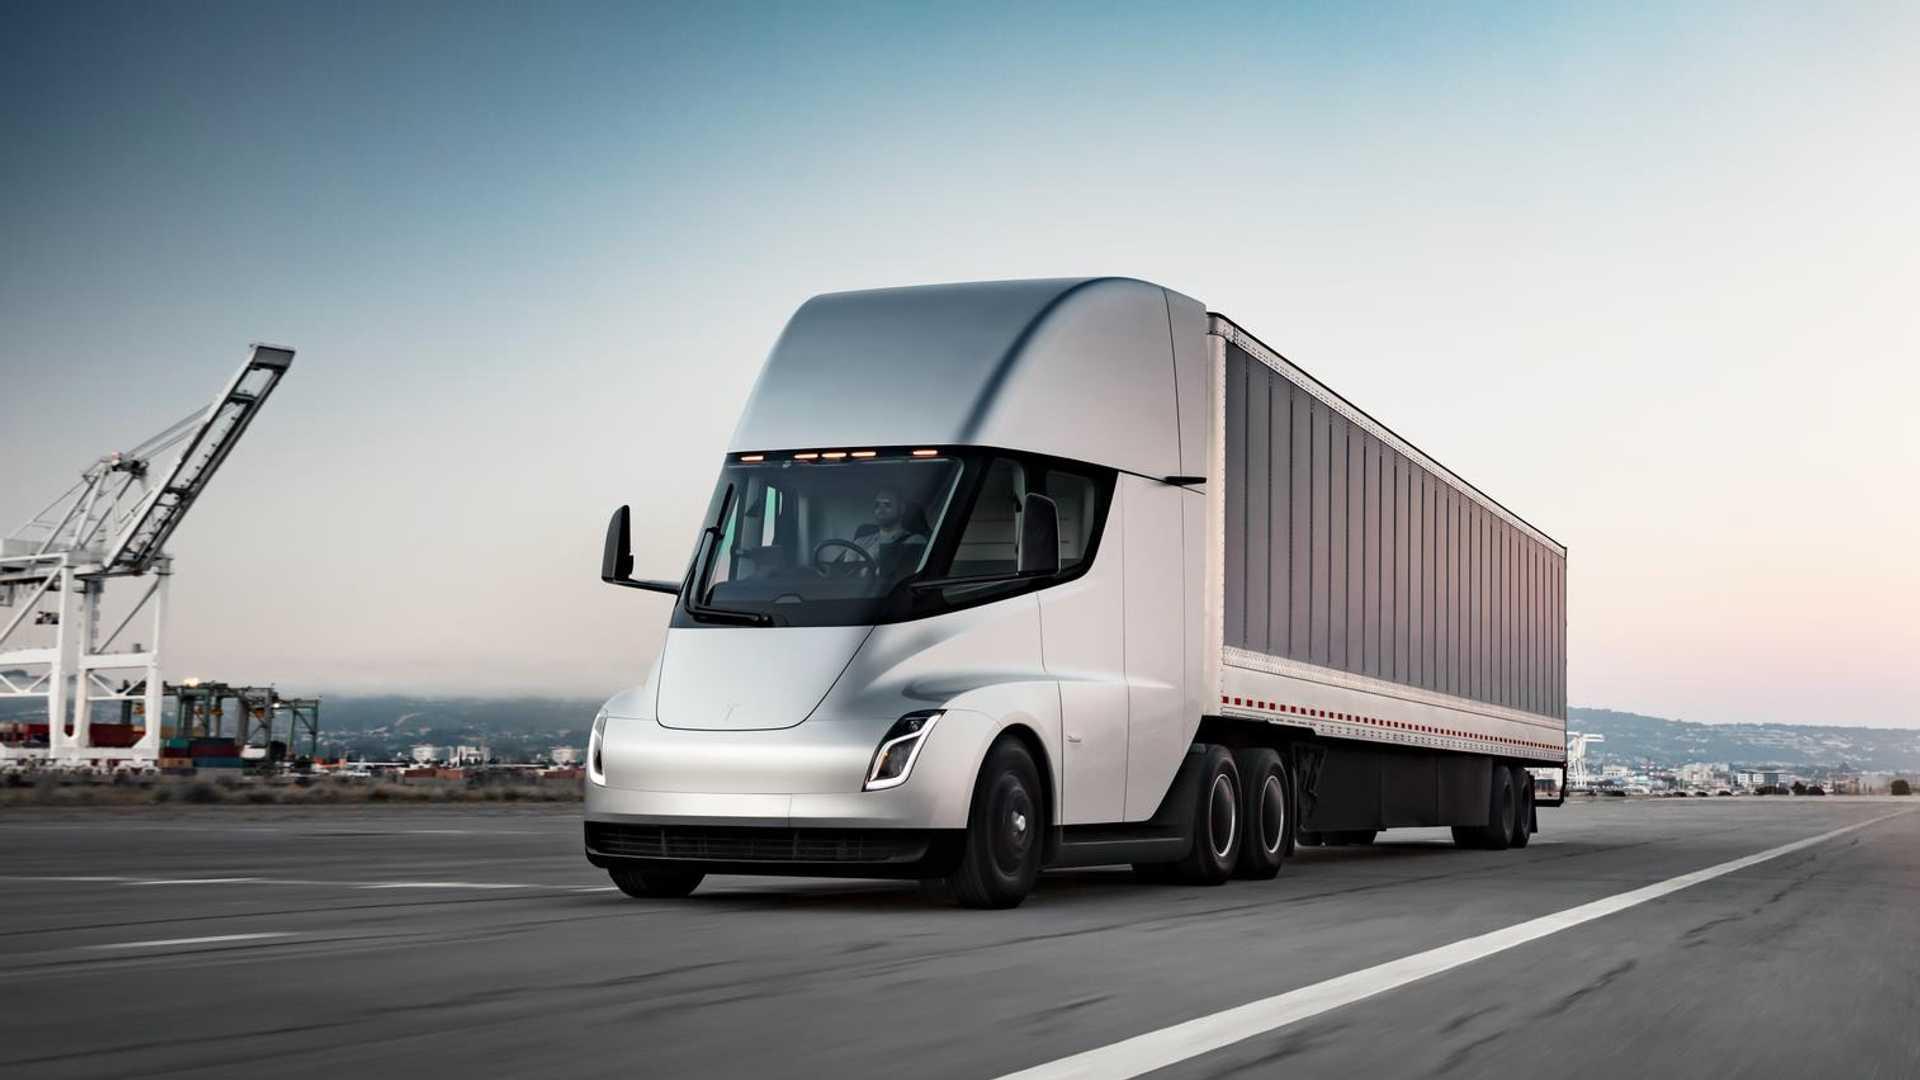 ماسک: کامیون برقی Semi با یکبار شارژ ۴۰ تن بار را ۱۰۰۰ کیلومتر جابجا خواهد کرد